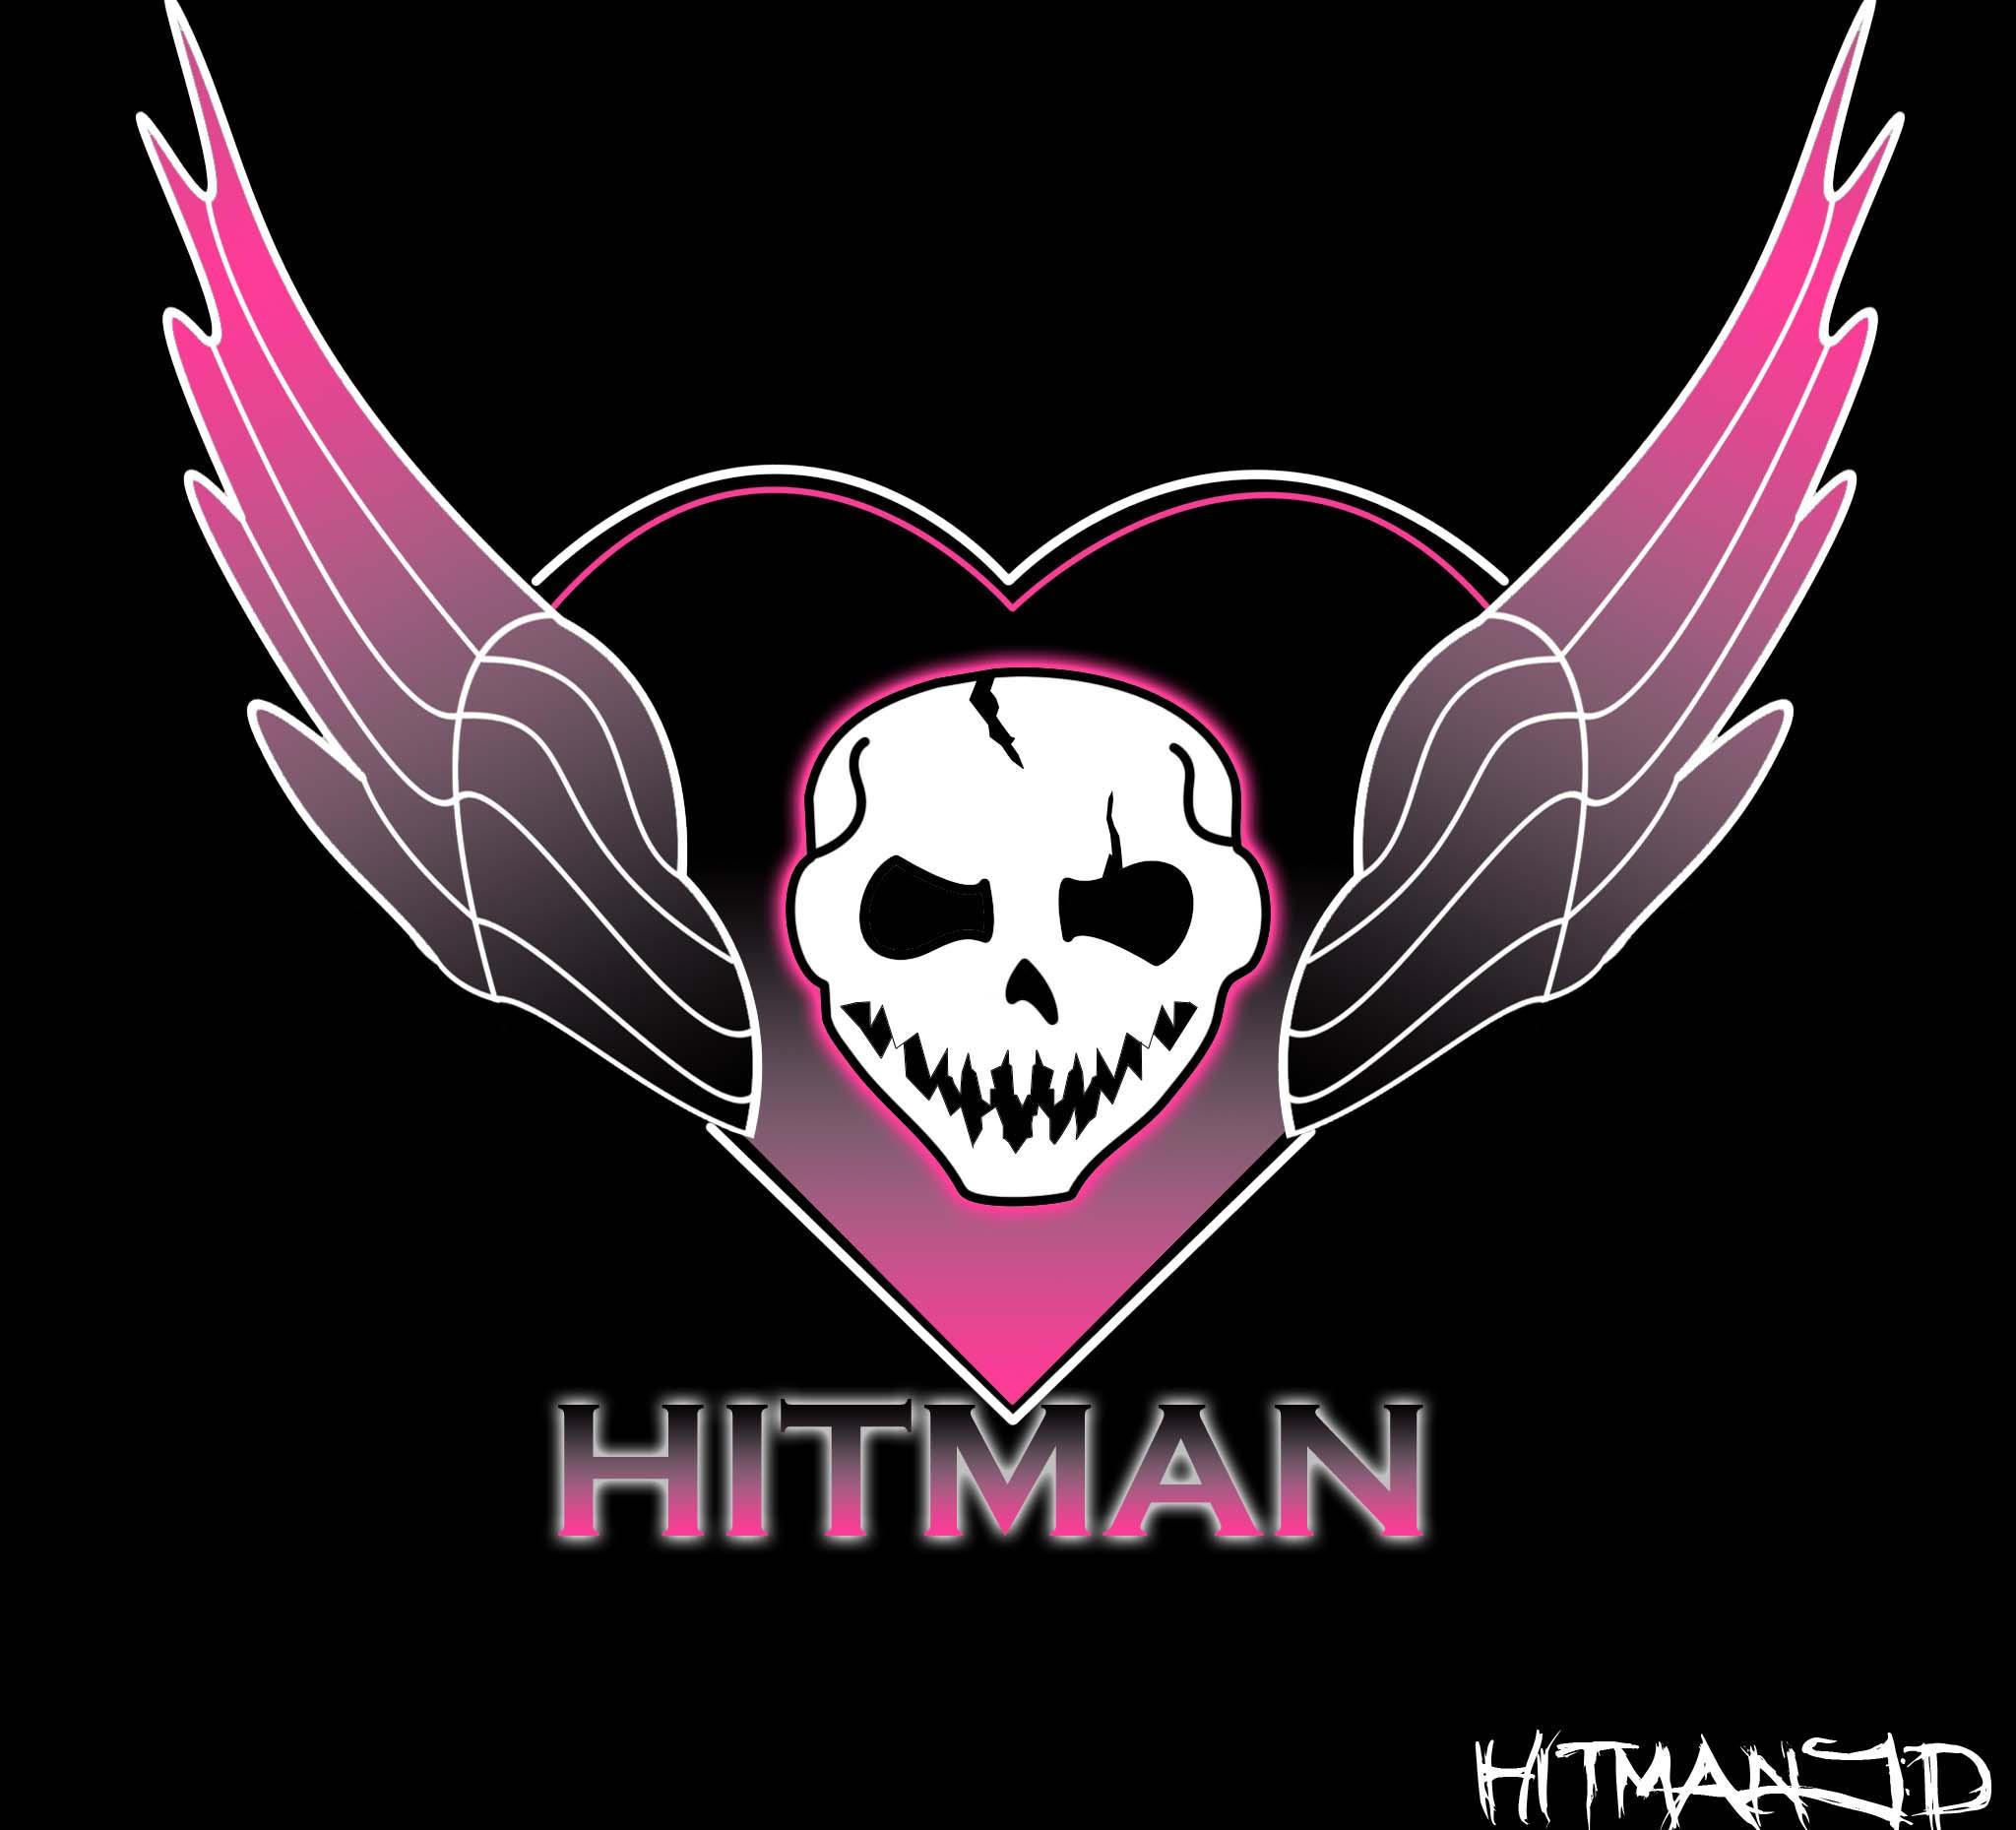 Bret Hitman Hart Logo by hitmanjd